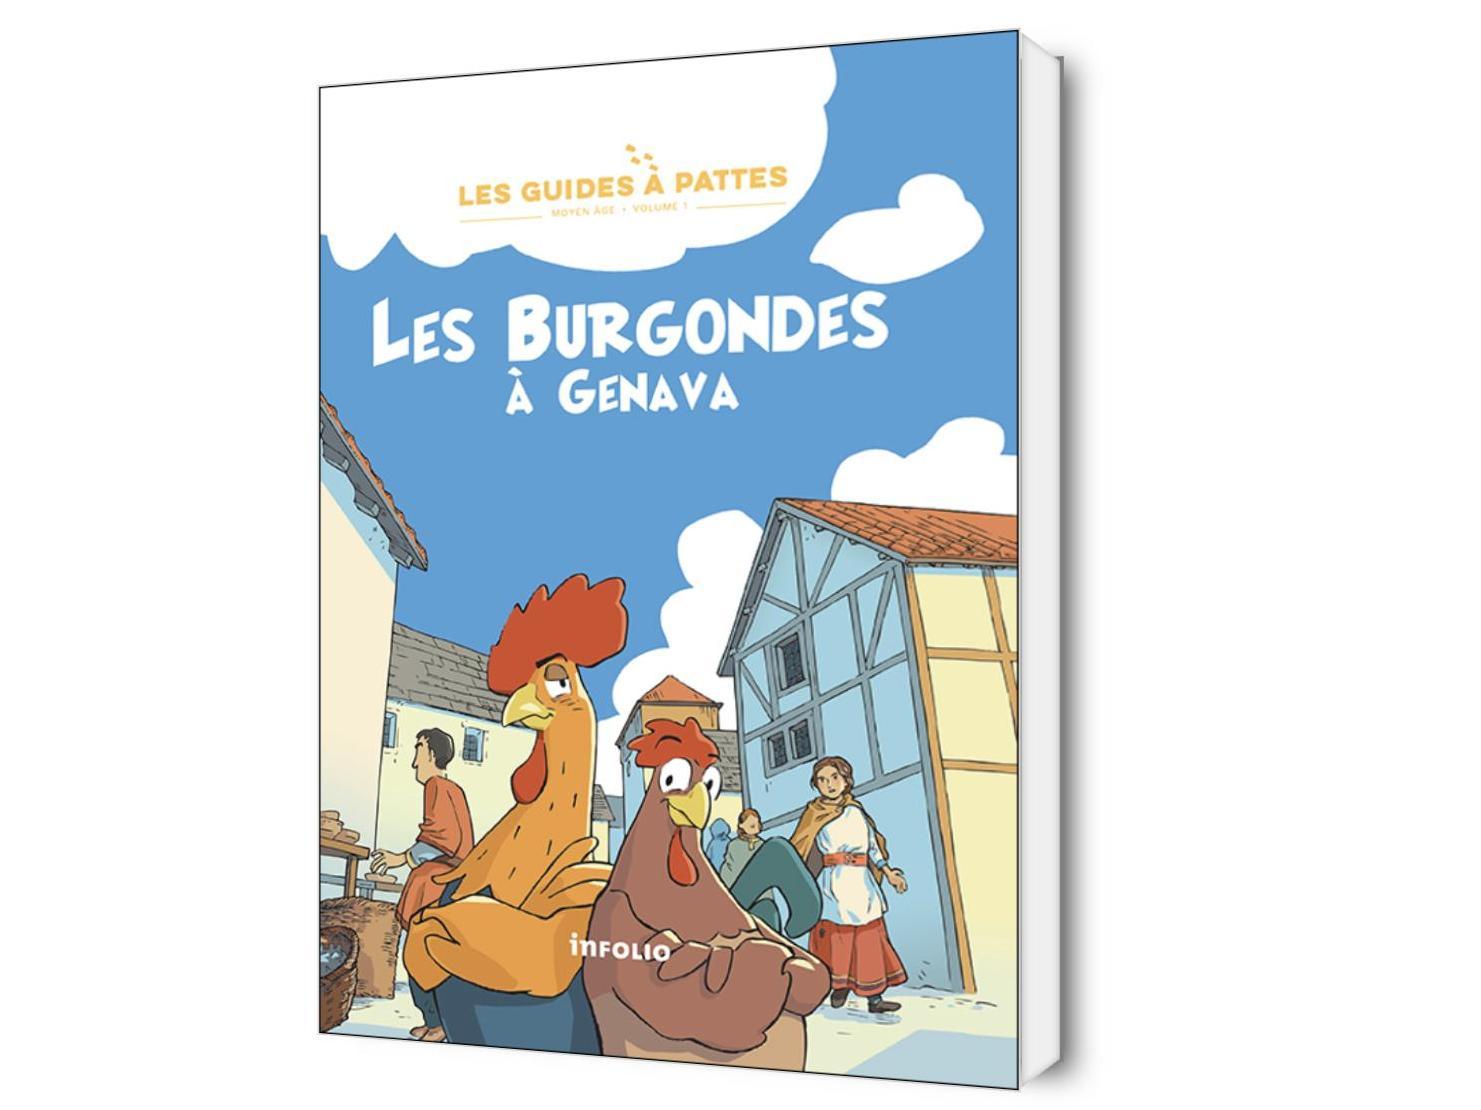 Les Burgondes à Genava